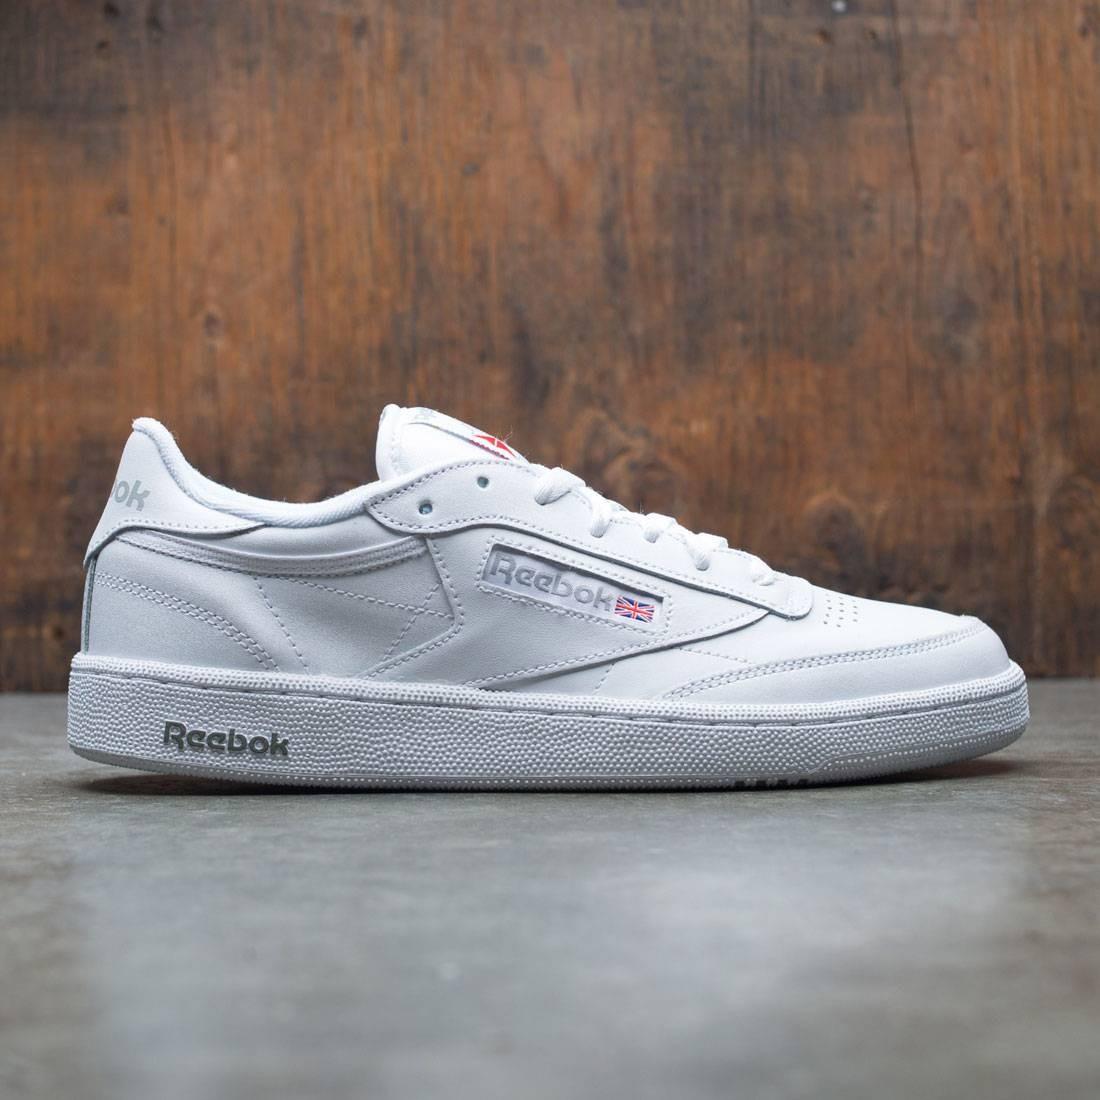 リーボック クラブ スニーカー 靴 メンズ靴 【 REEBOK MEN CLUB C 85 WHITE SHEER GREY 】